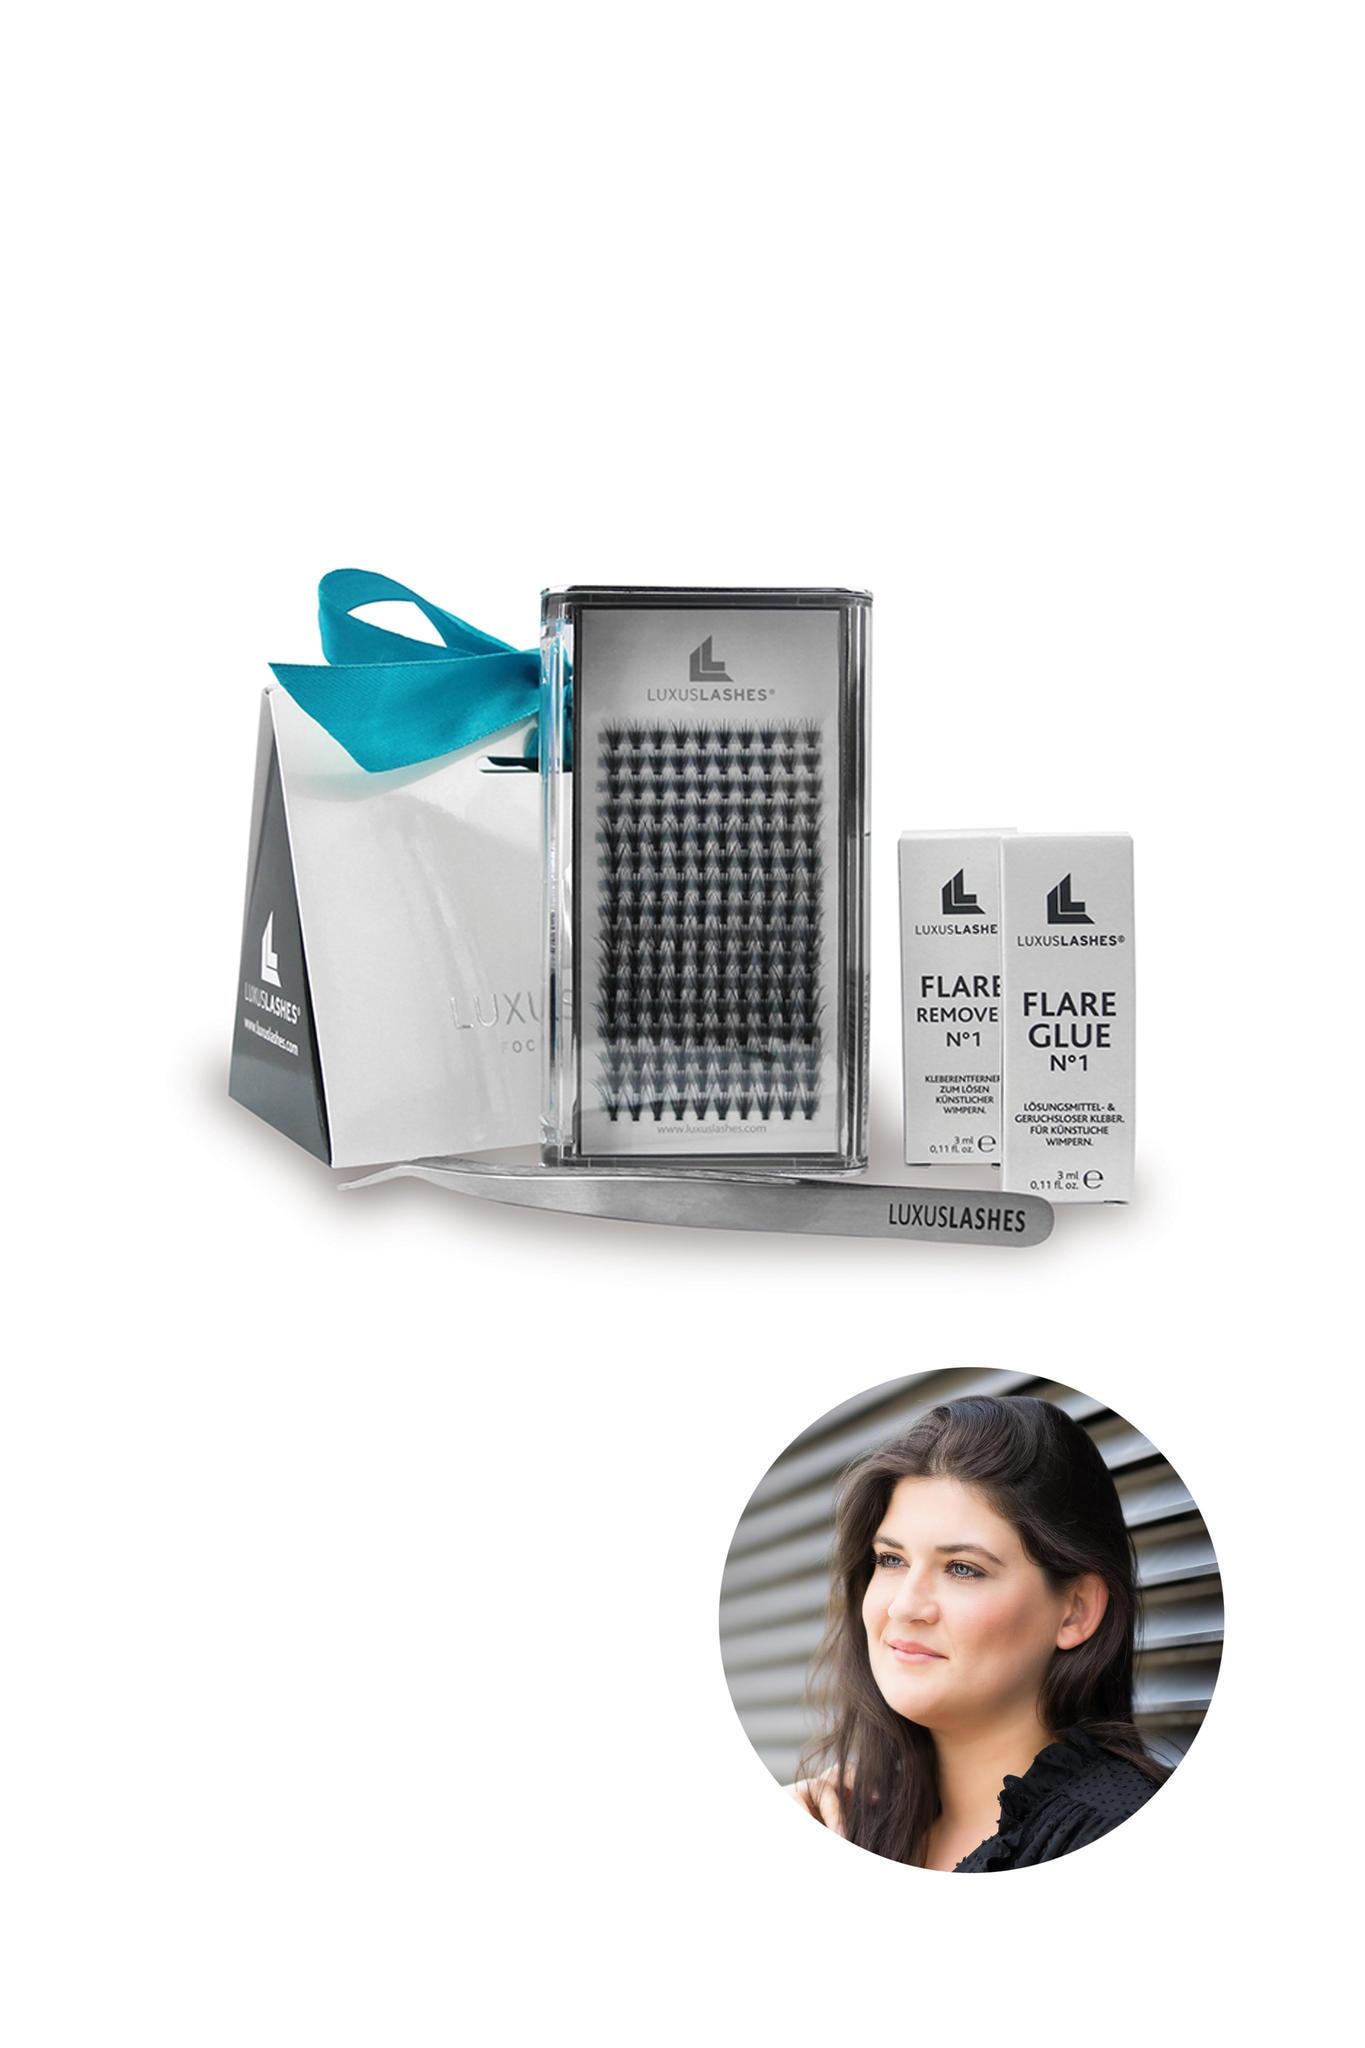 Beauty- und Fashion-Redakteurin Lisa testet die Wimpernextensions von Luxuslashes zuhause.